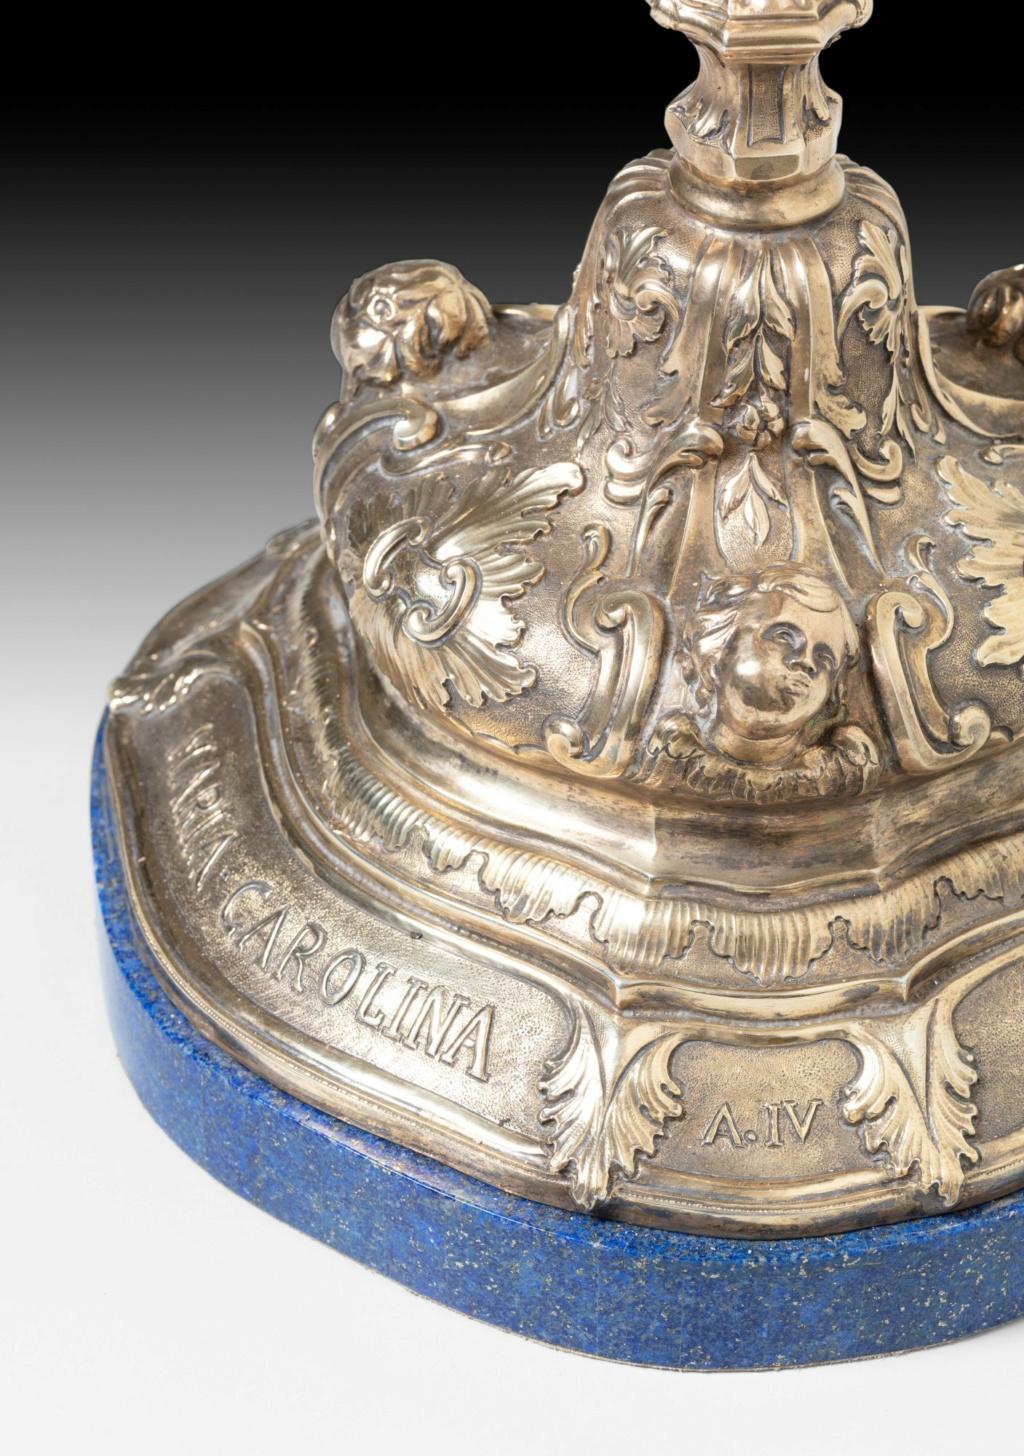 Les Roses d'or ou Roses bénites. L'exemplaire offert par le pape Clément XIV à la reine Marie-Caroline de Naples Pf214111